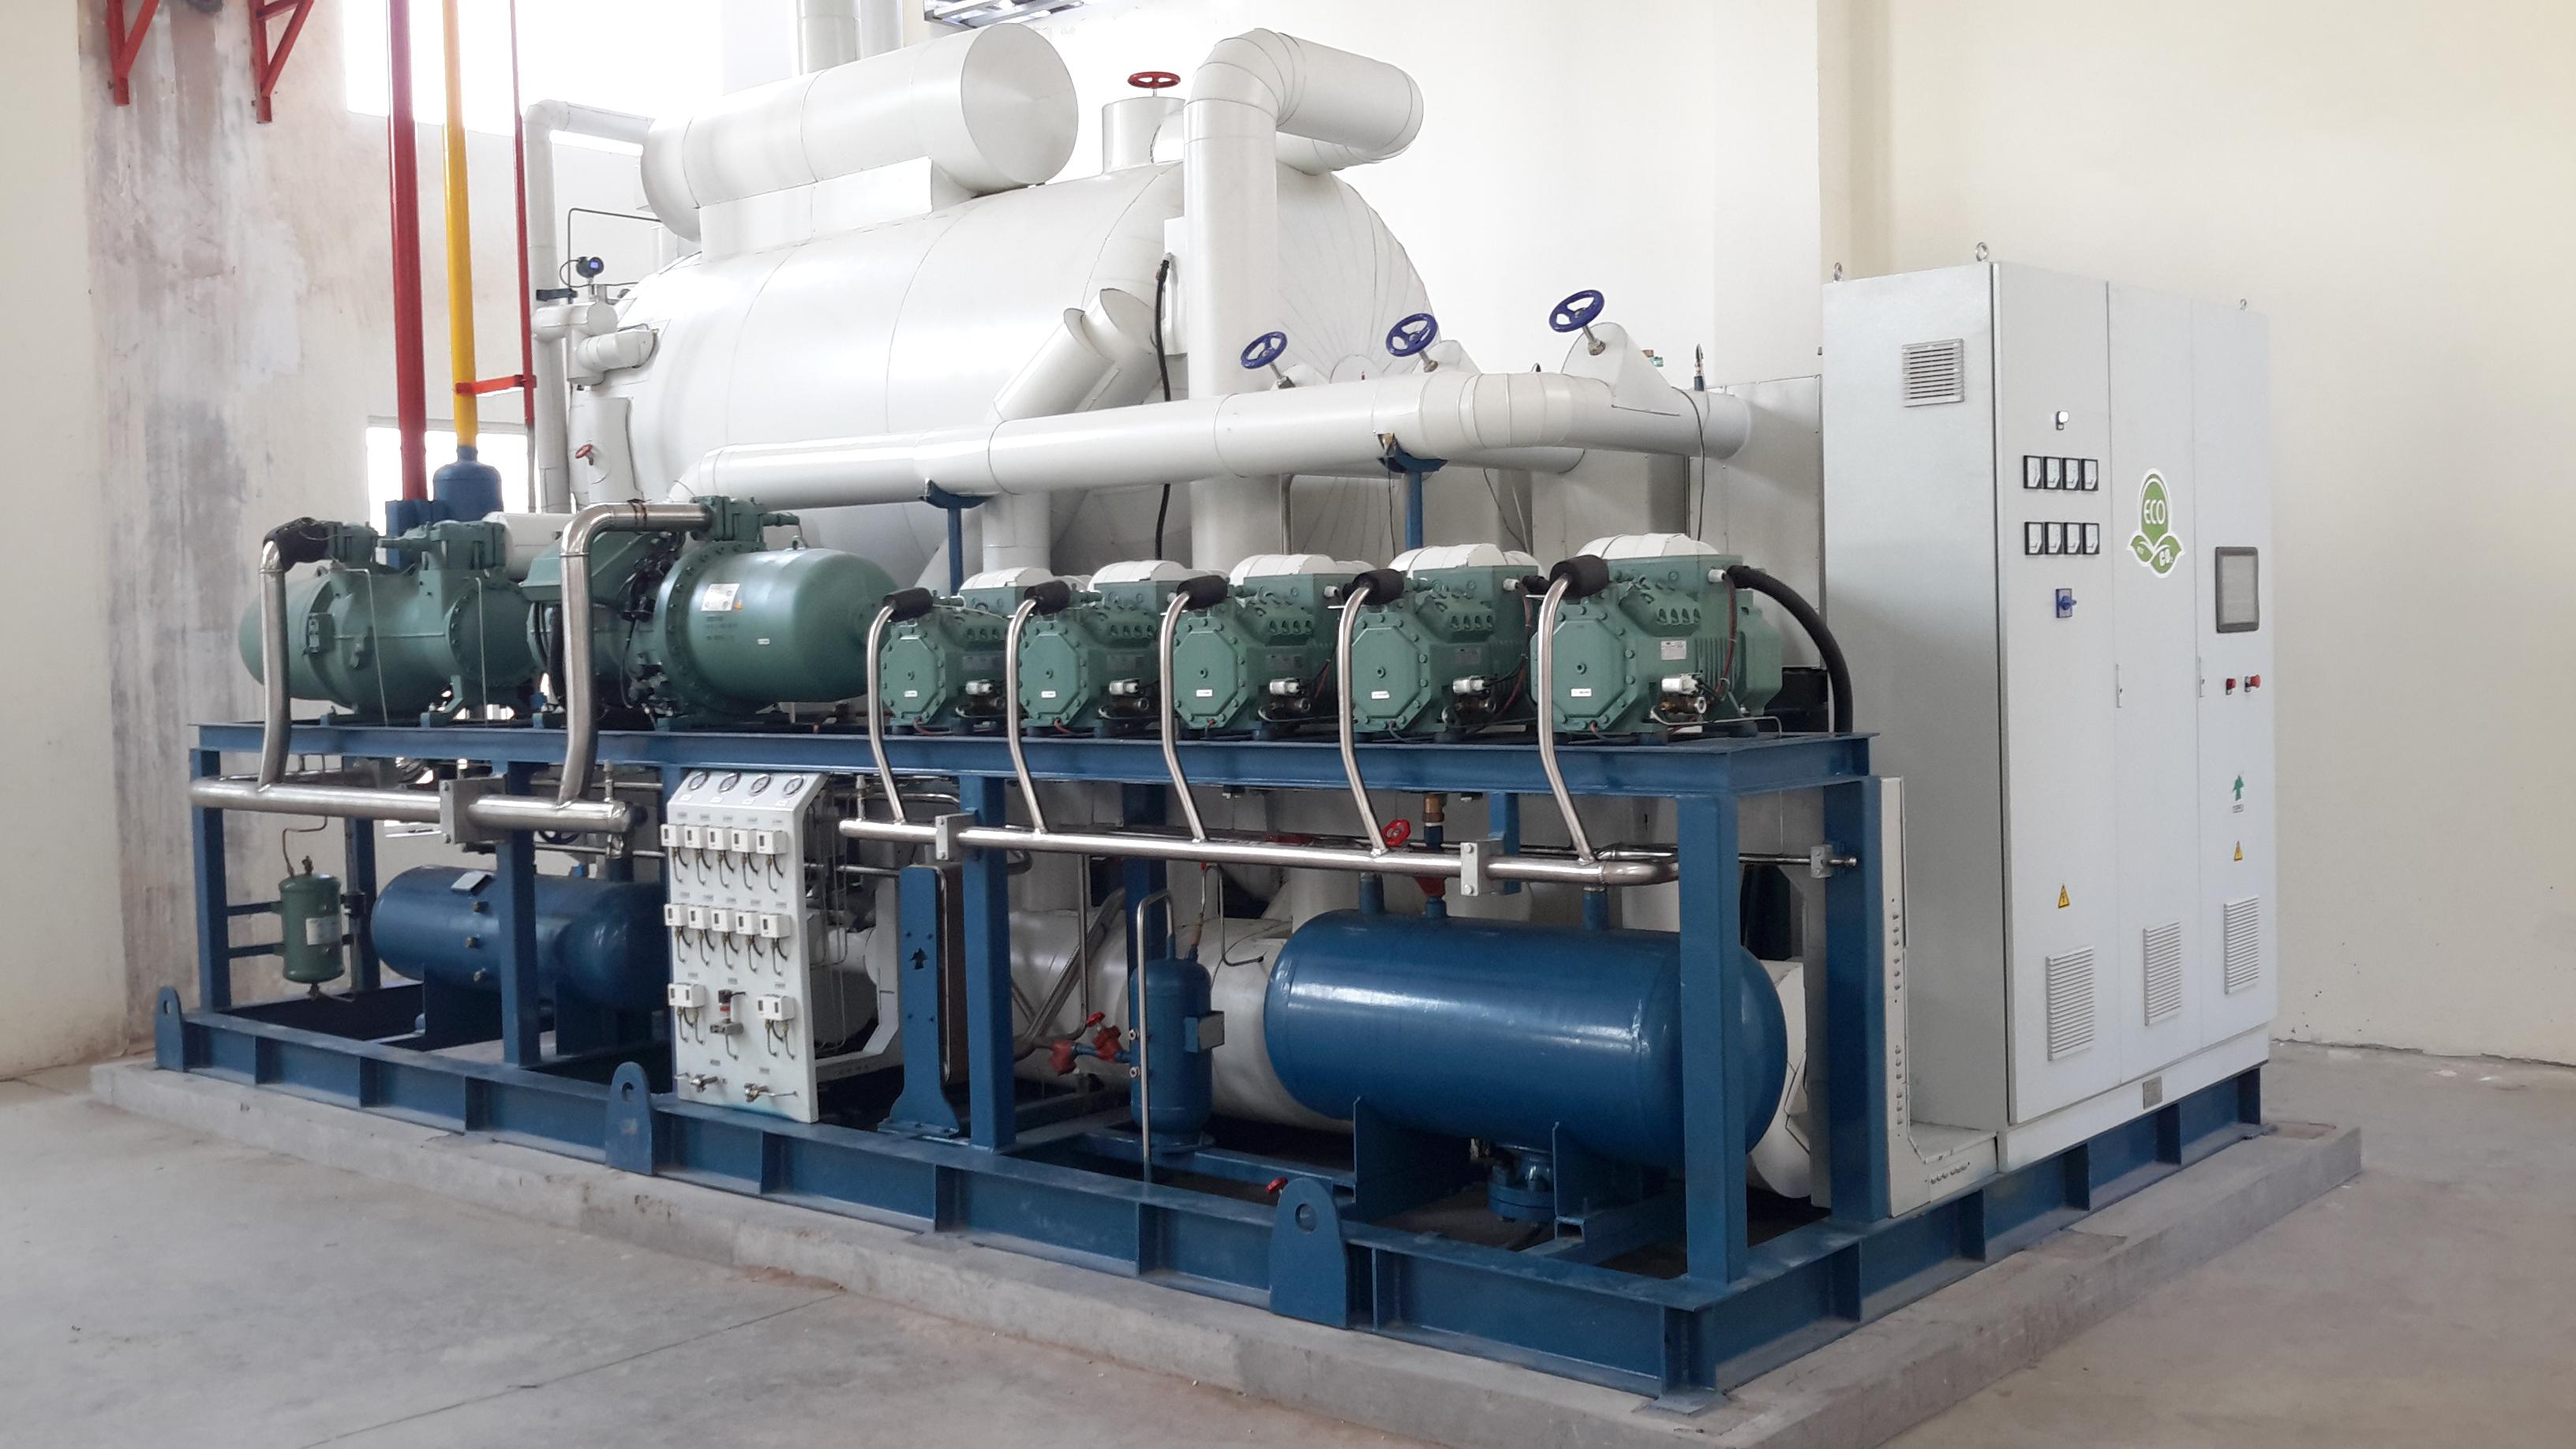 山东佳博耀集食品有限公司2T单冻机冷源系统工程